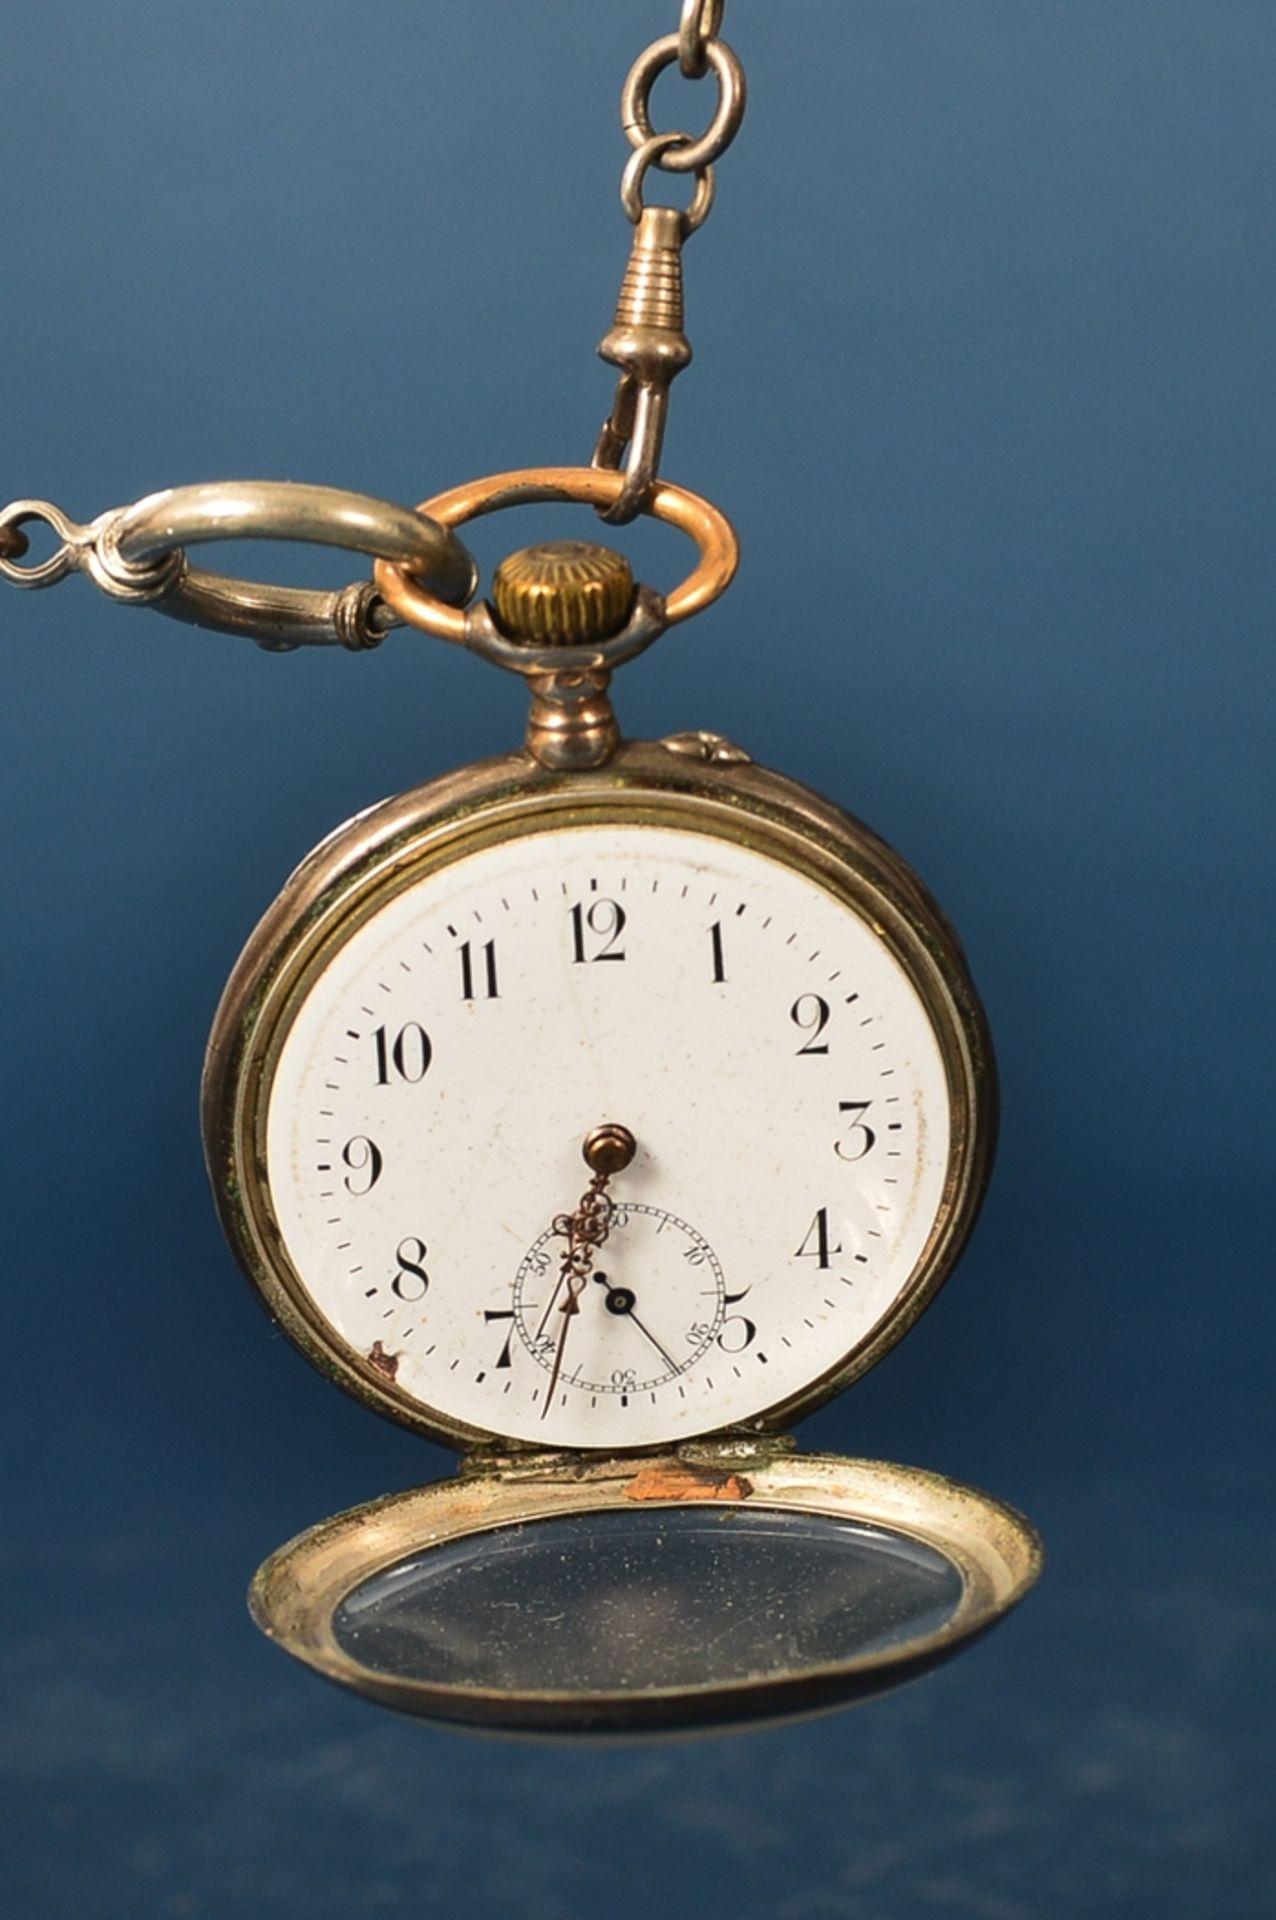 Silberne Taschenuhr an Uhrenkette (Länge ca. 27 cm), beides 800er Silber, ungeprüft (Durchmesser der - Bild 2 aus 7